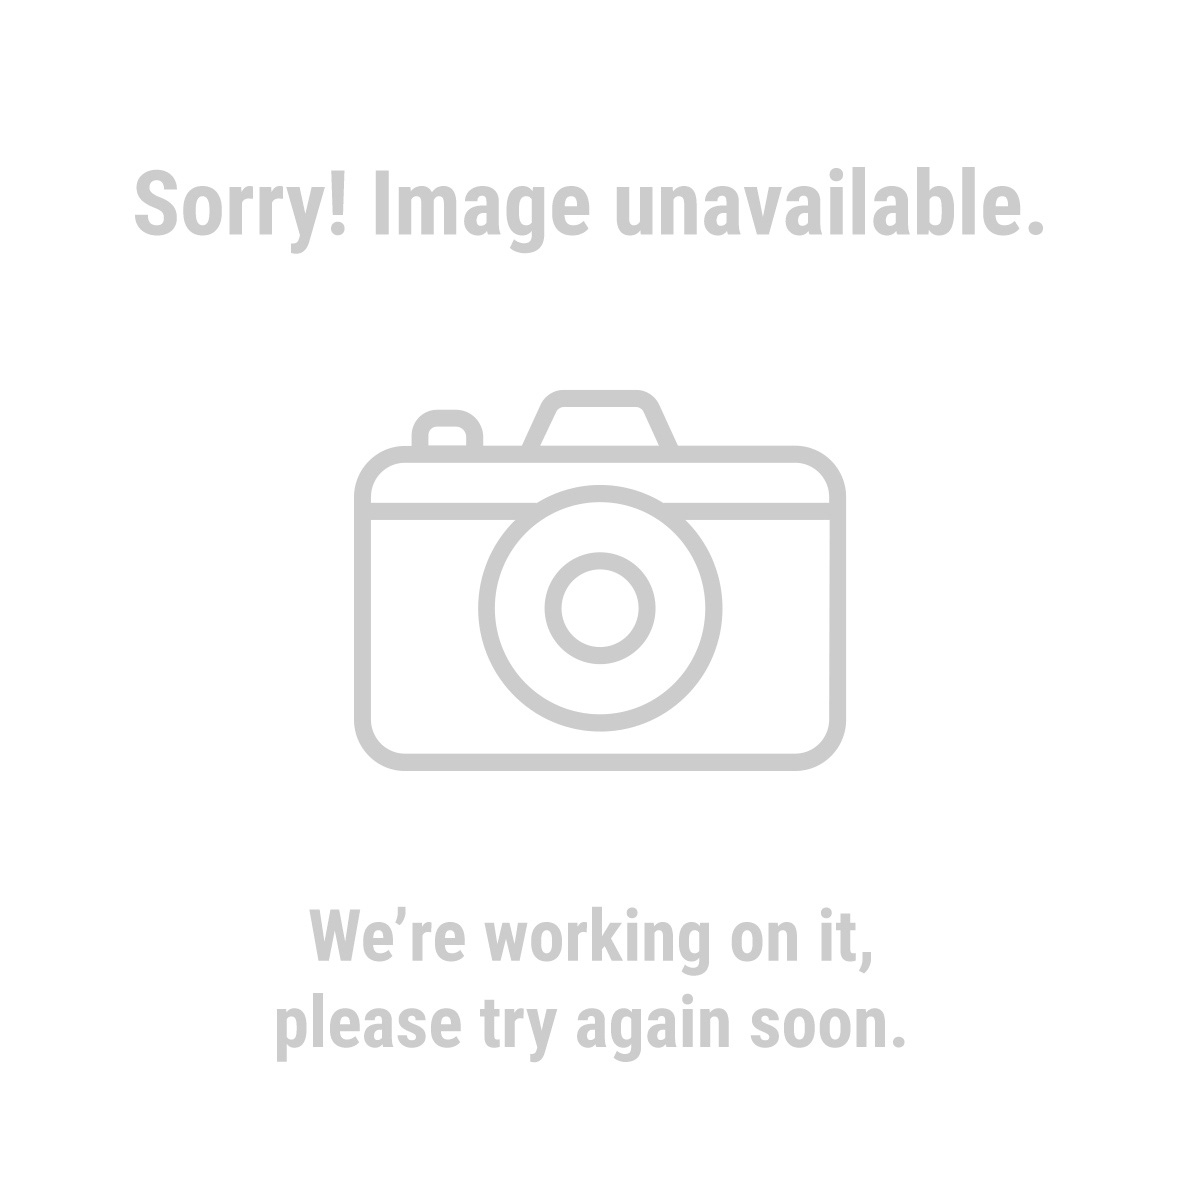 HFT® 62389 Anti-Fatigue Foam Mat Set 4 Pc